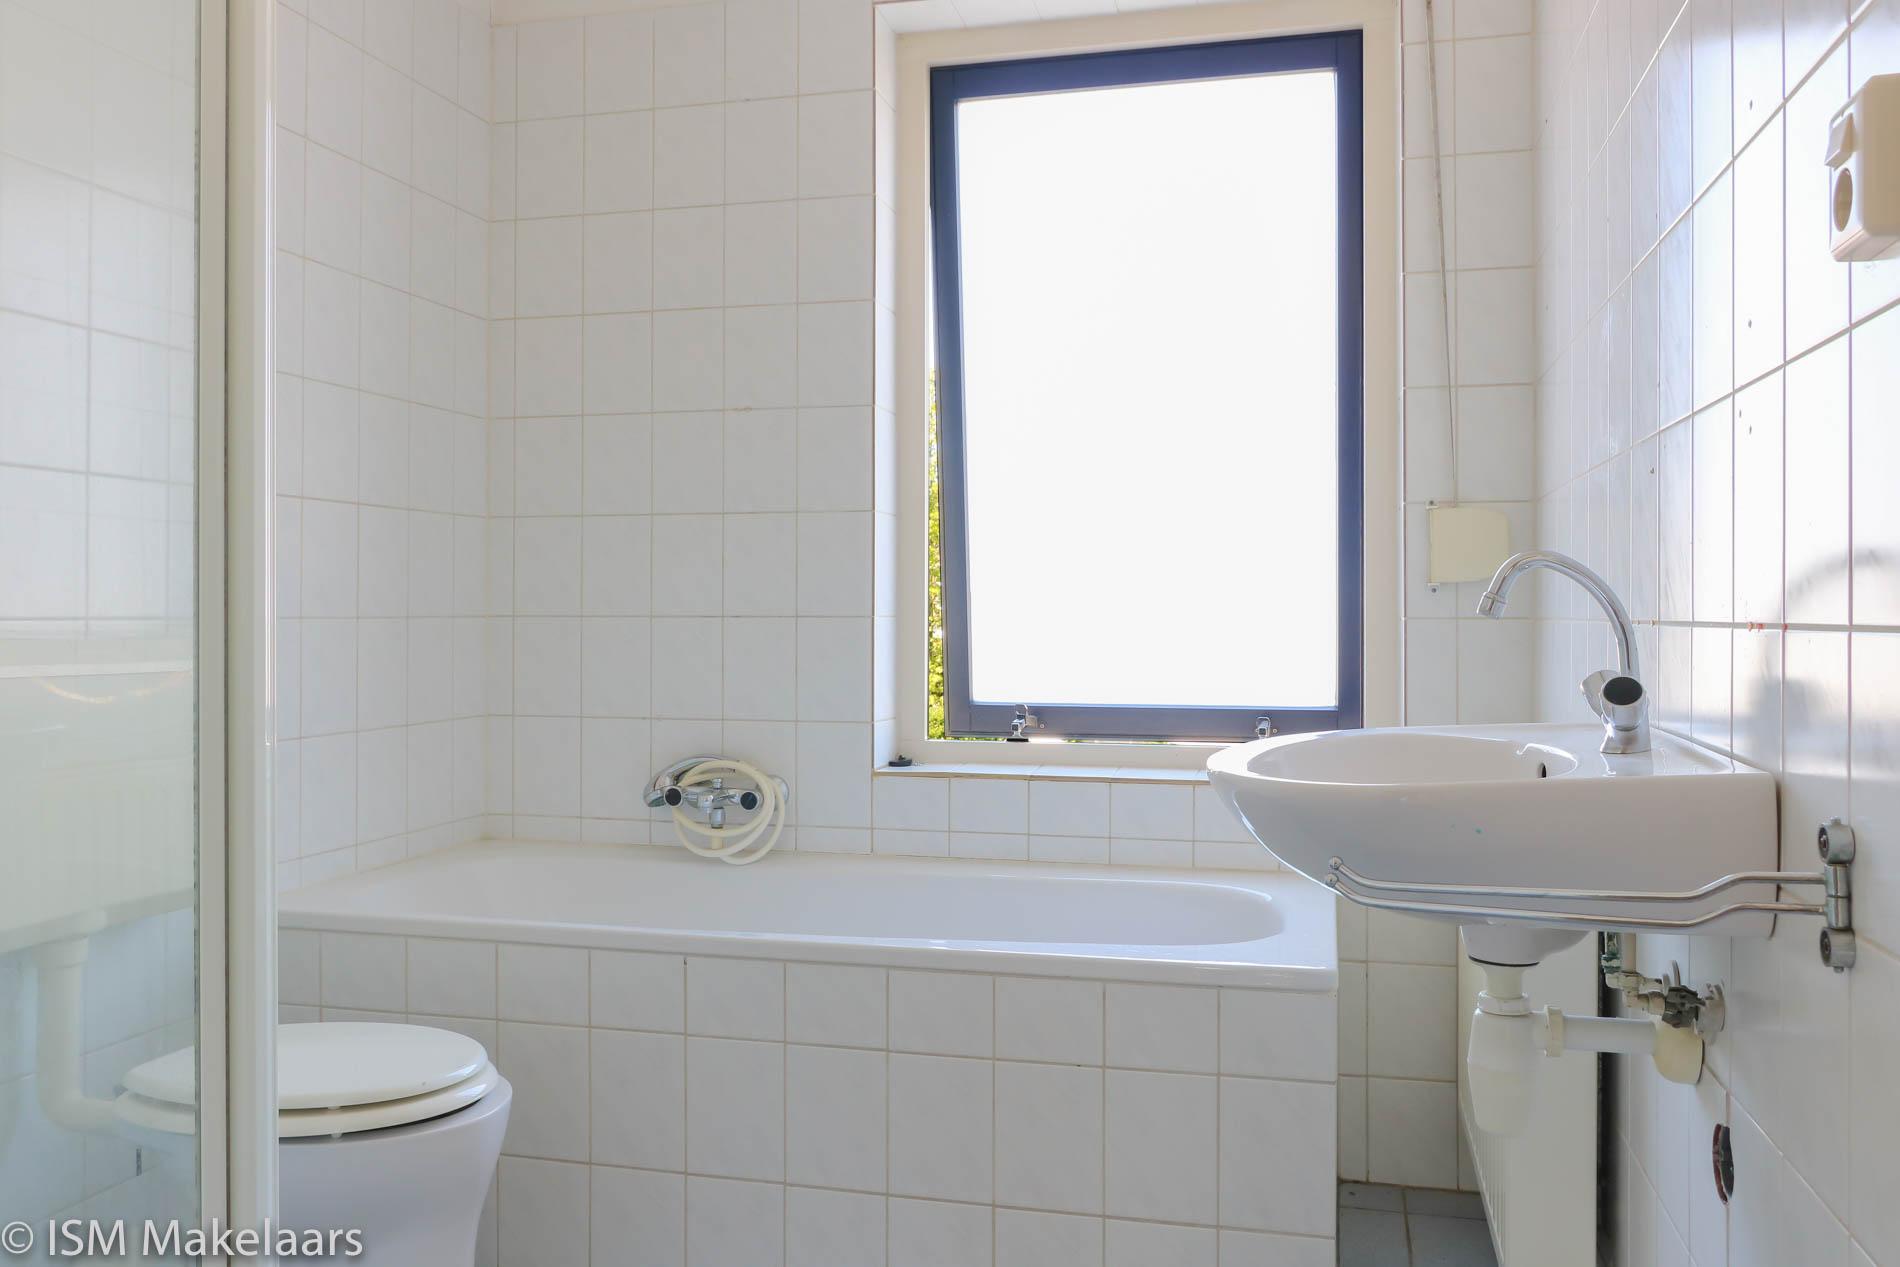 badkamer pr. christinastraat 18 nieuwdorp ISM Makelaars